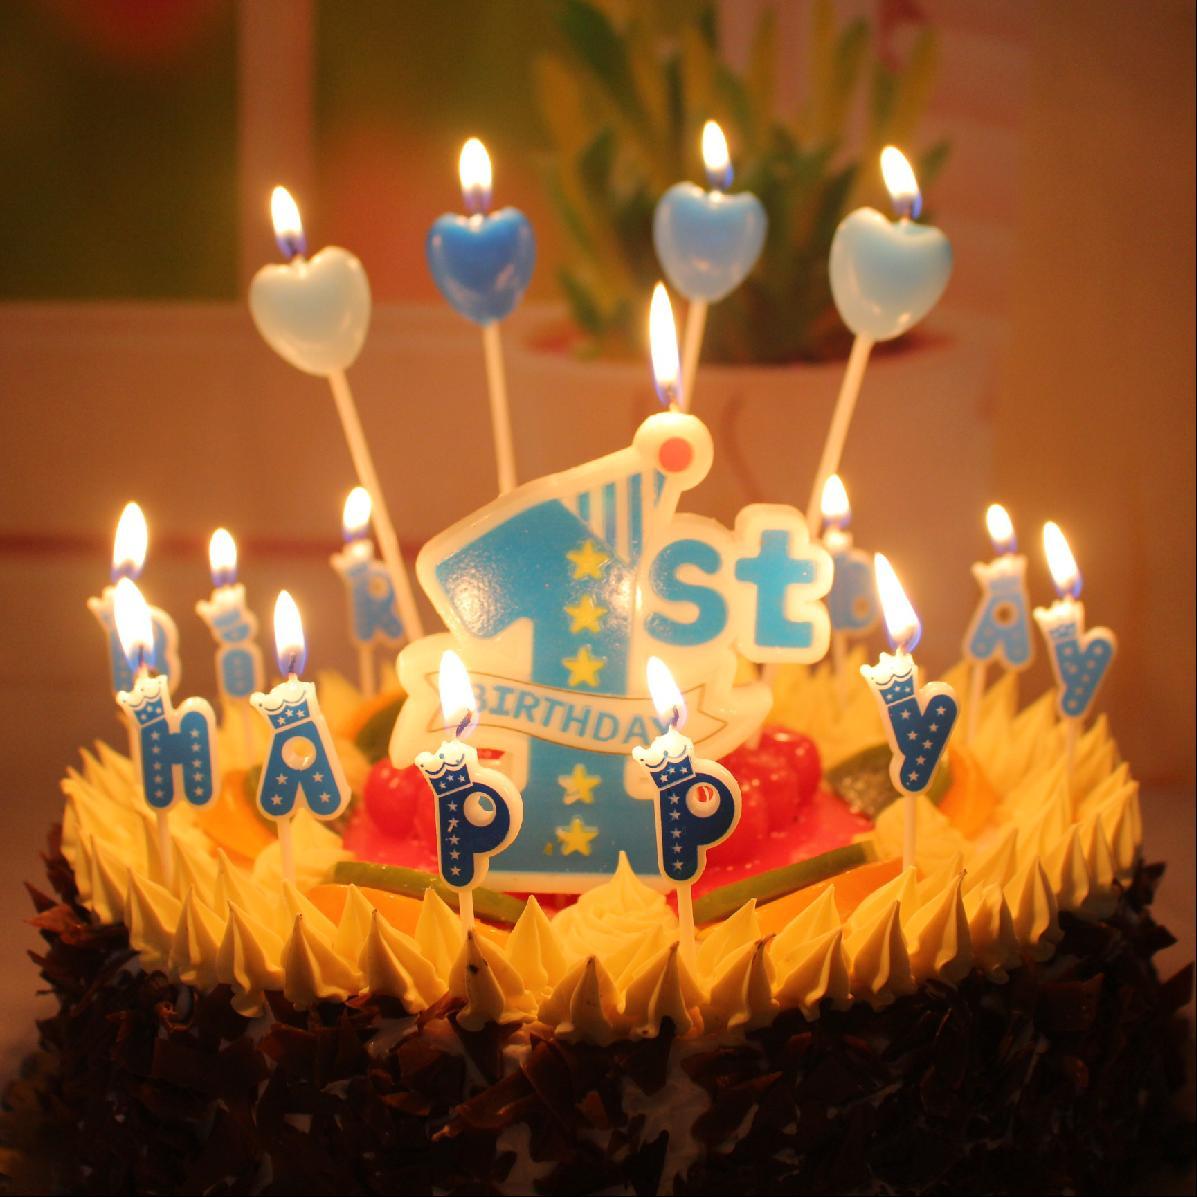 生日蛋糕浪漫蜡烛创意石蜡蜡烛周岁宝宝1装饰儿童店新款